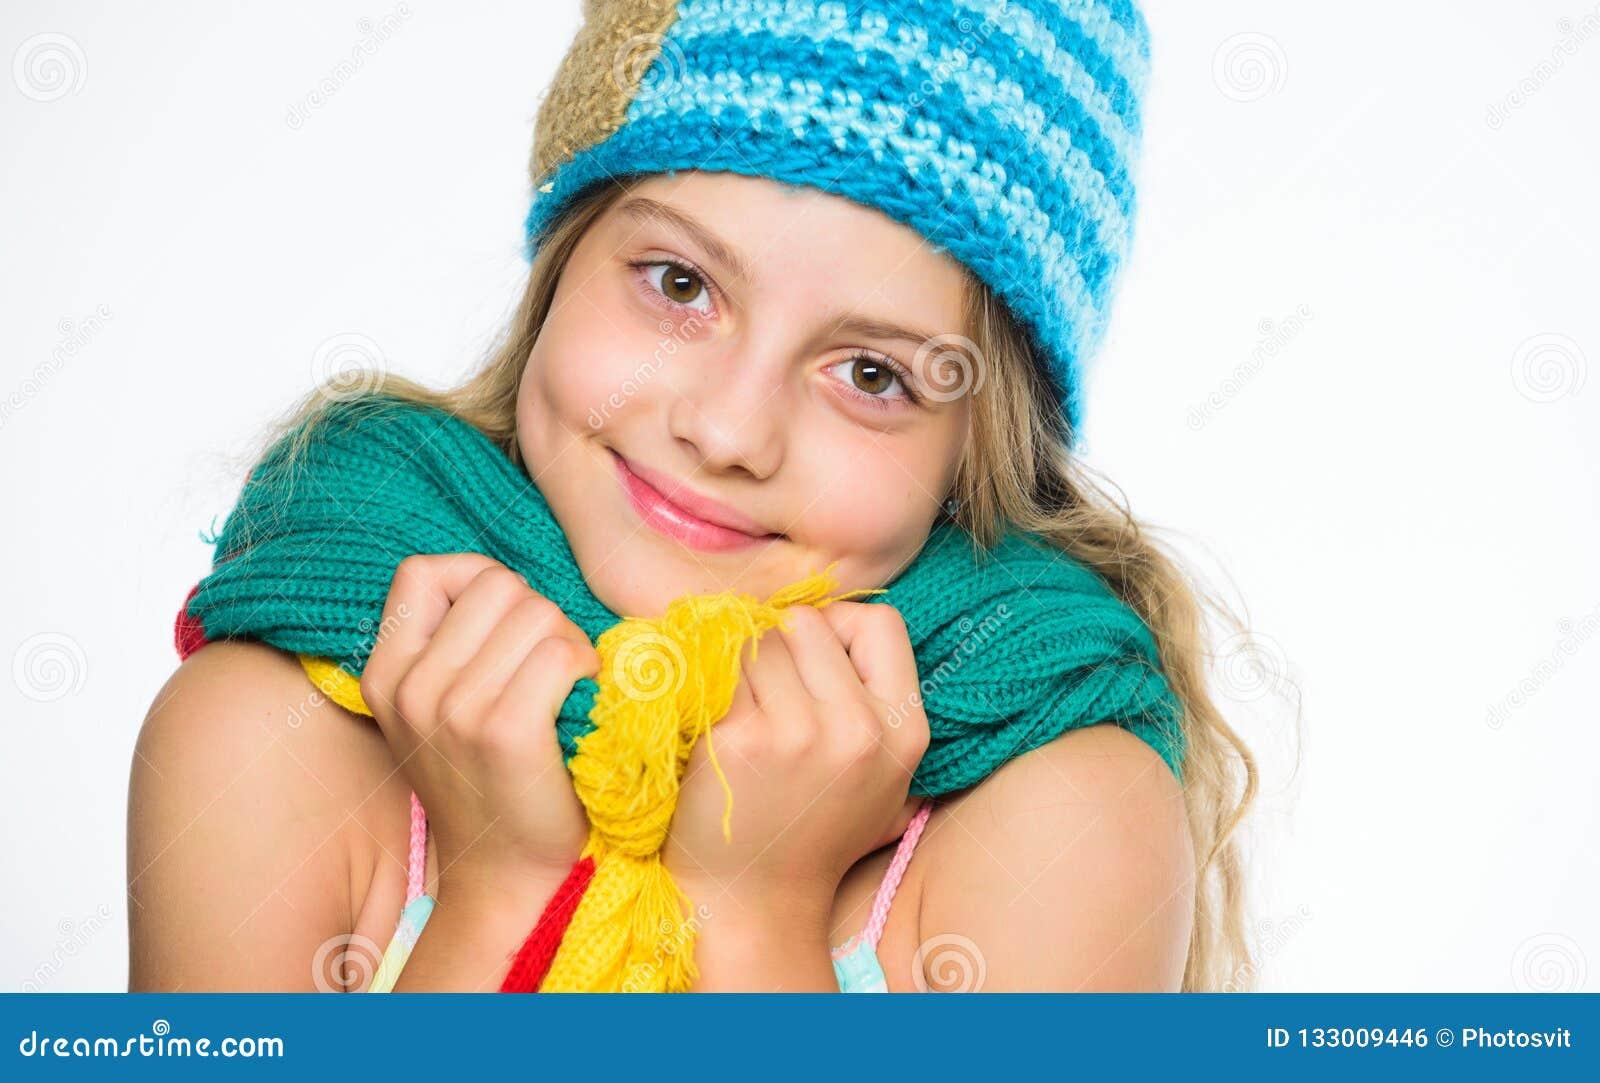 Le chapeau et l écharpe maintiennent chaud L enfant utilisent le chapeau bleu tricoté mou chaud et la longue écharpe Accessoires